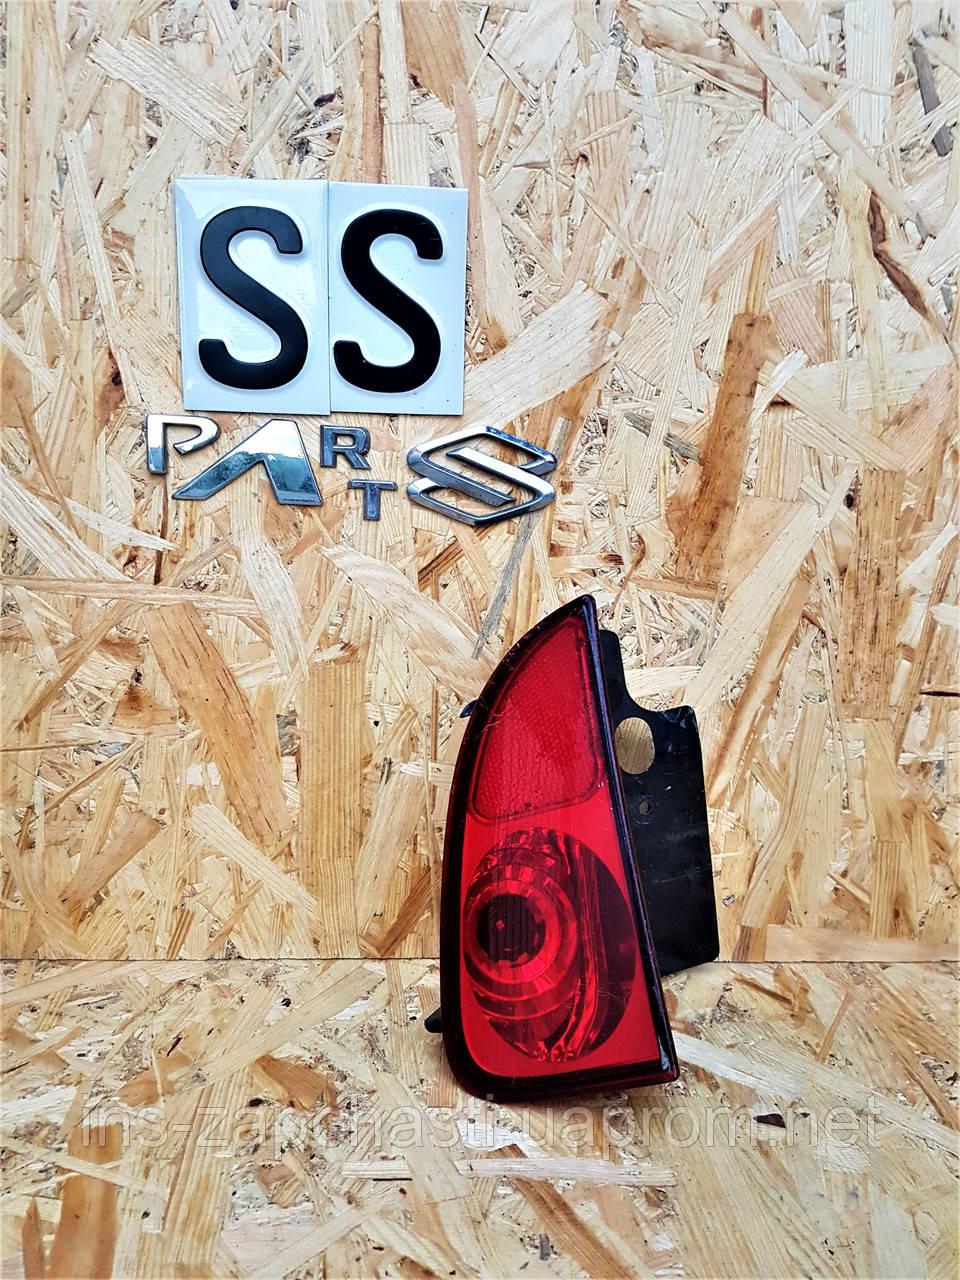 8200027154  Задний правый фонарь в бампер  Renault Espace IV 03-2014